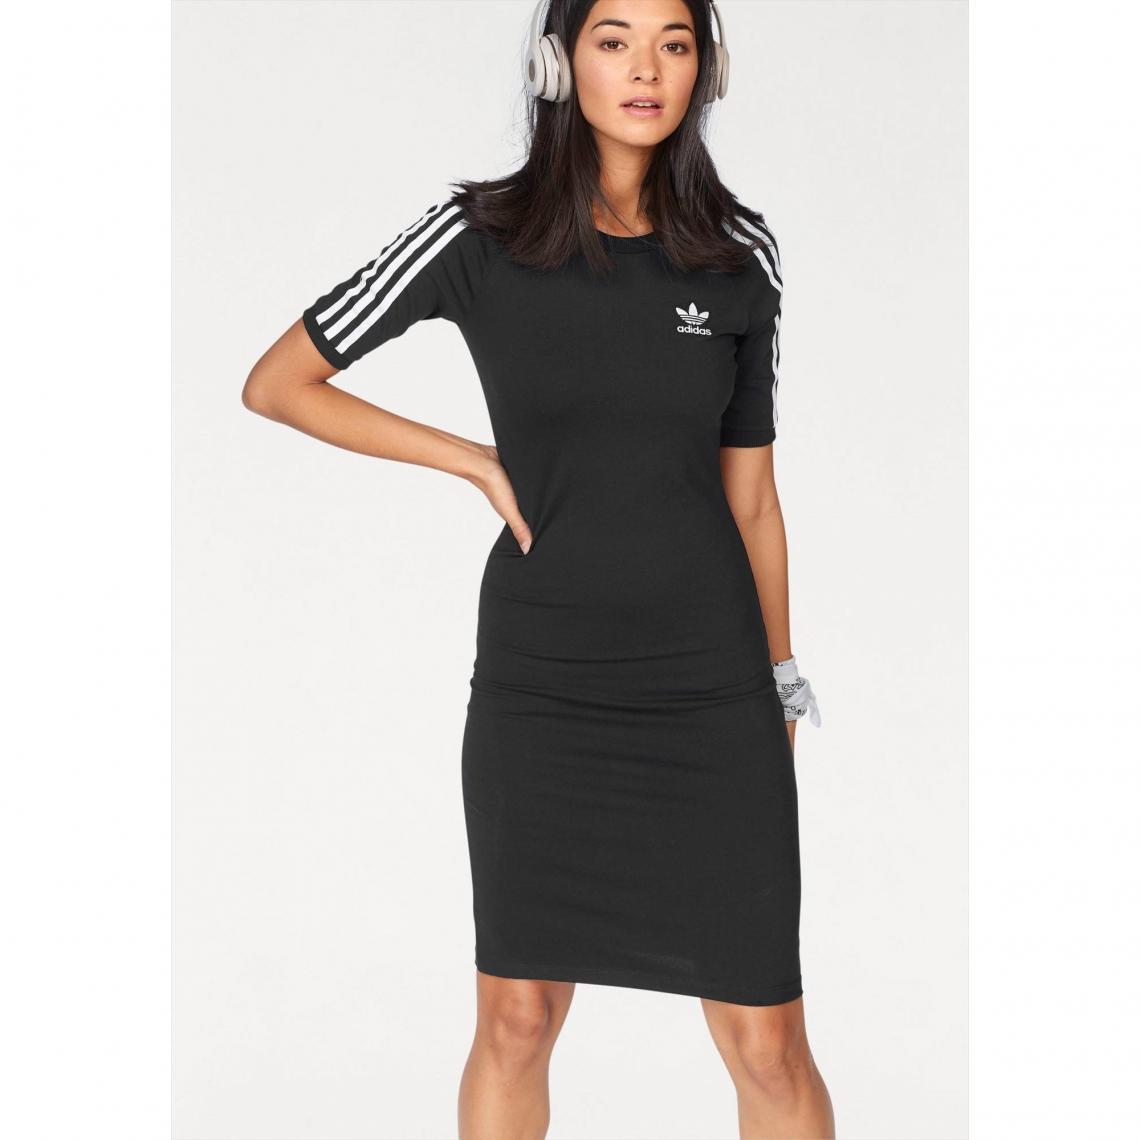 Robe femme adidas Originals - Noir Adidas Originals Femme dae6943d447